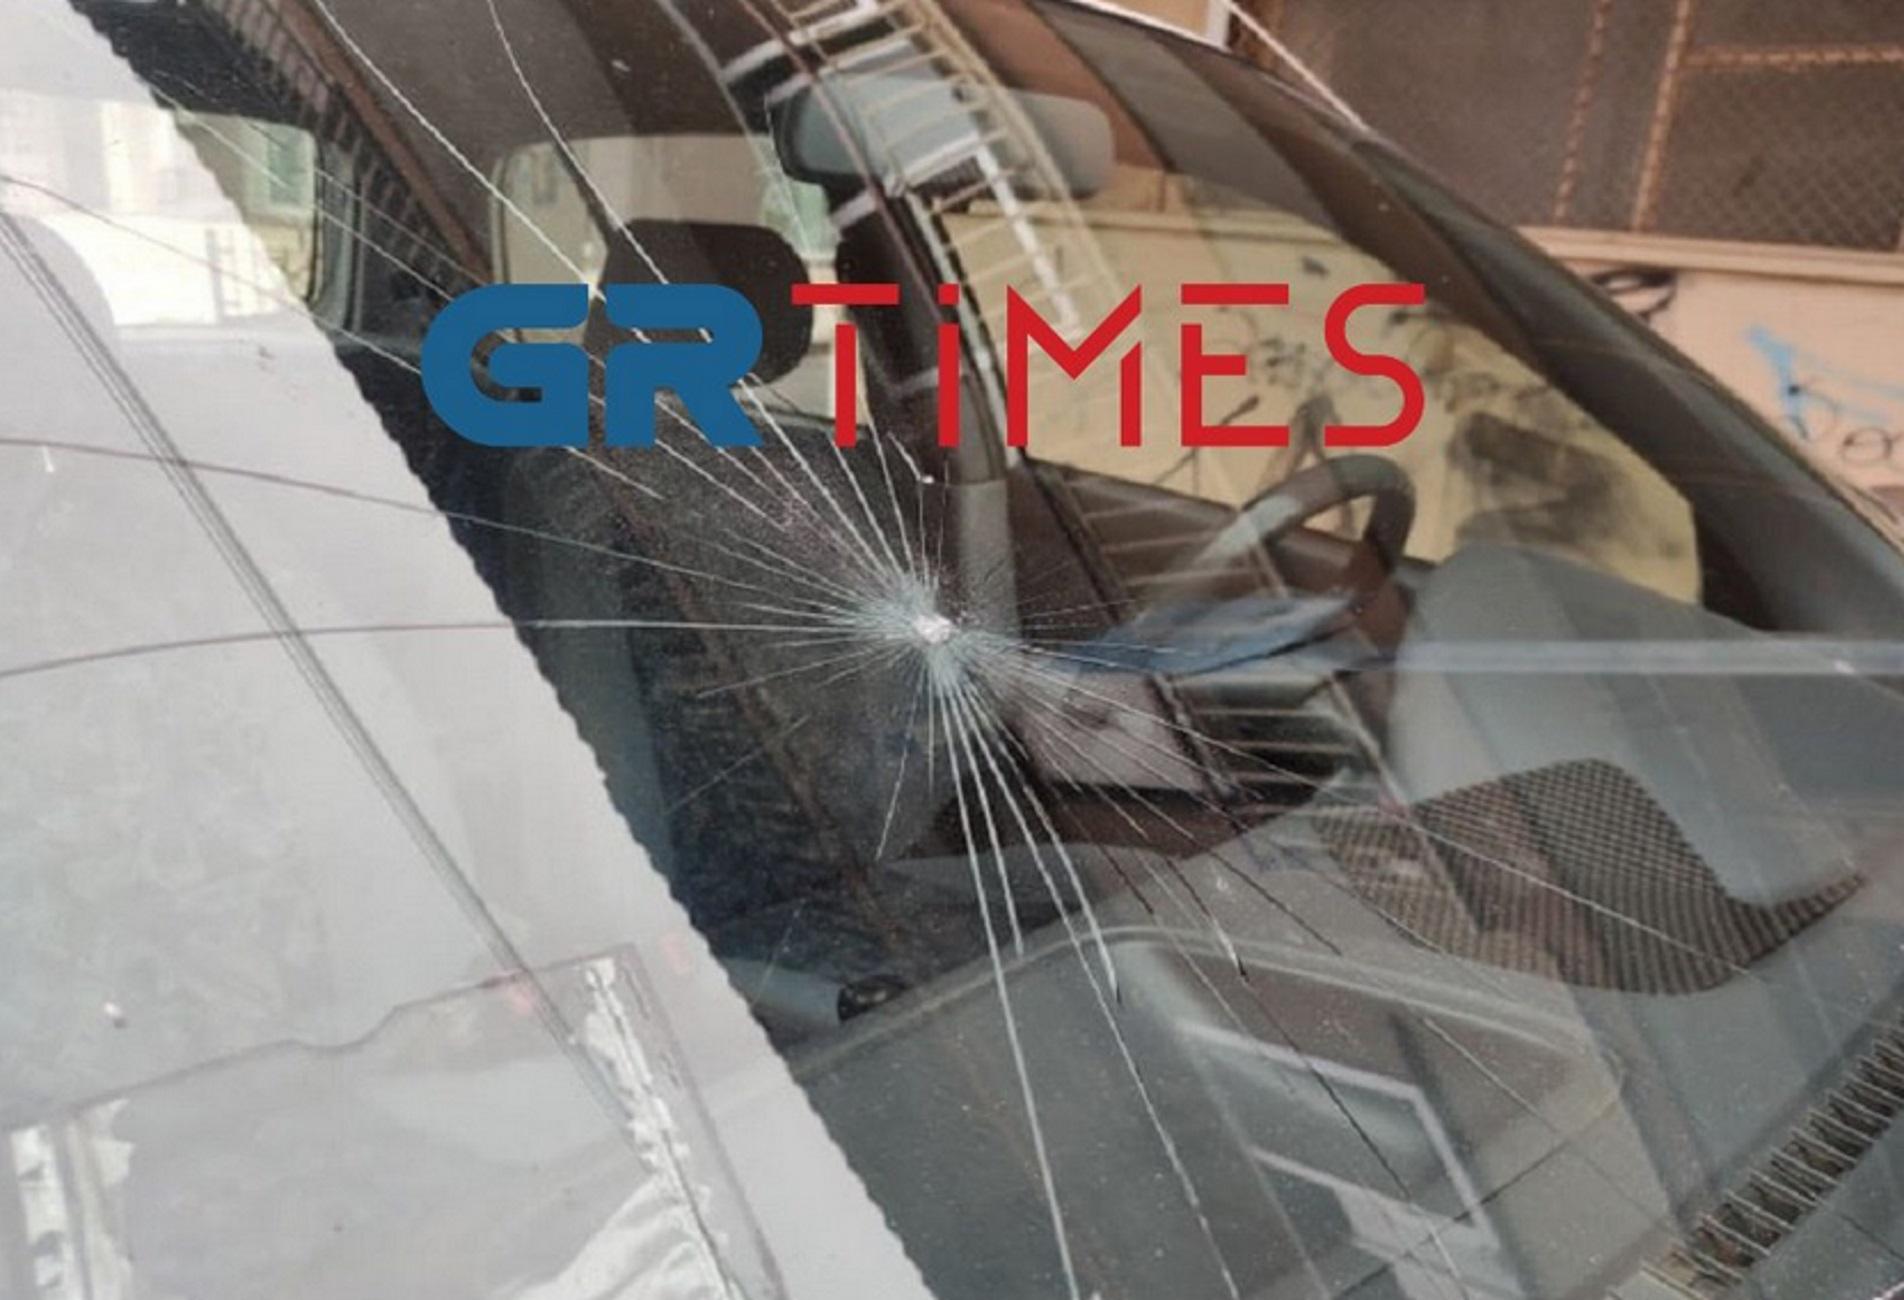 Θεσσαλονίκη: Τραμπουκισμοί και ζημιές έξω από το ΕΠΑΛ Ευόσμου με την αστυνομία απούσα